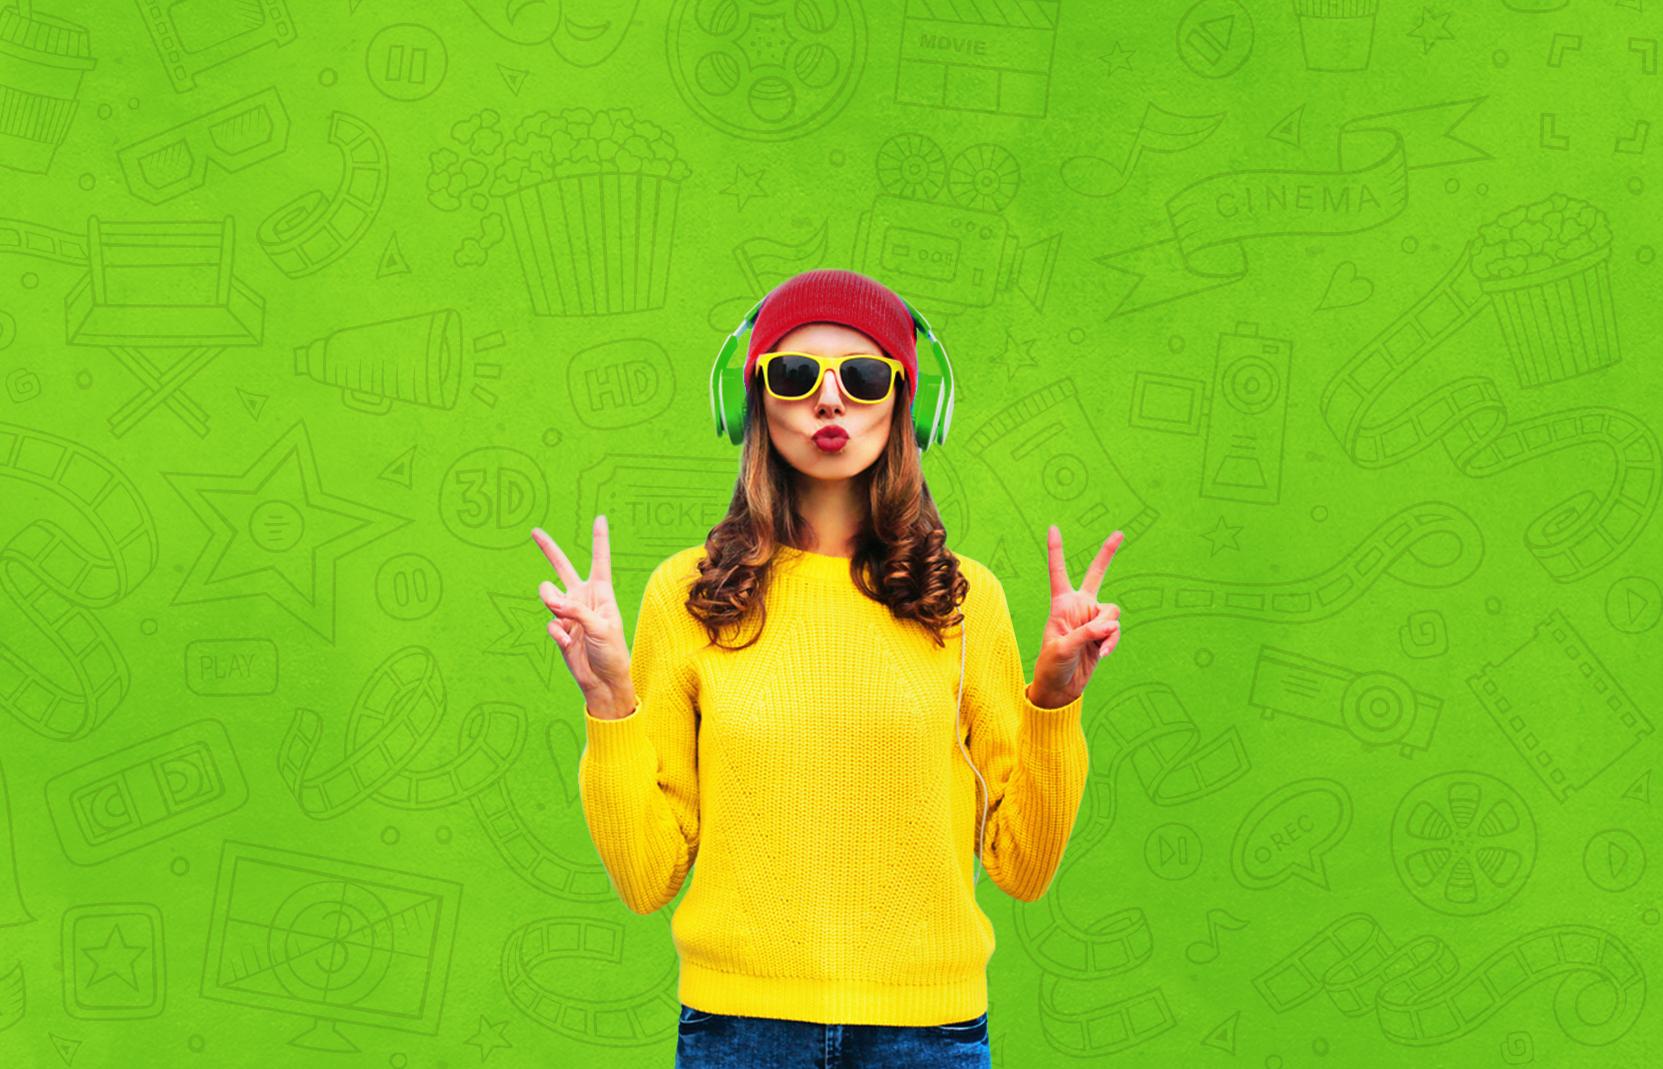 Ragazza con cuffie per ascoltare musica col digital rewarding